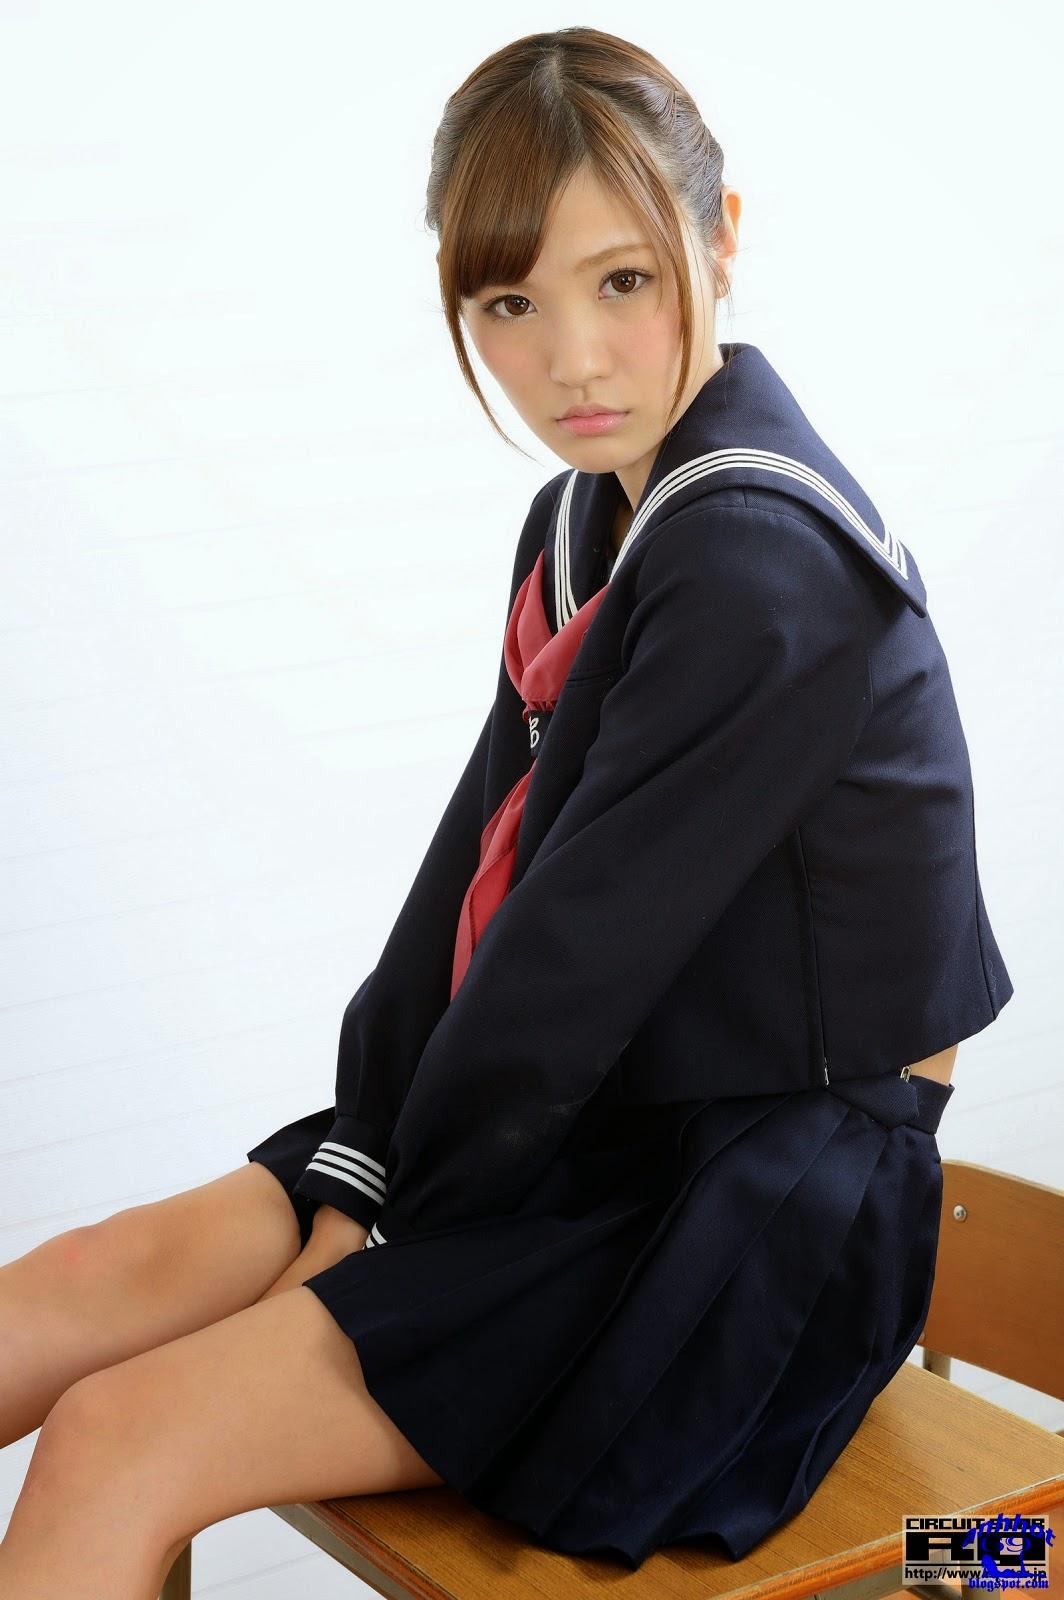 haruka-kanzaki-02420685